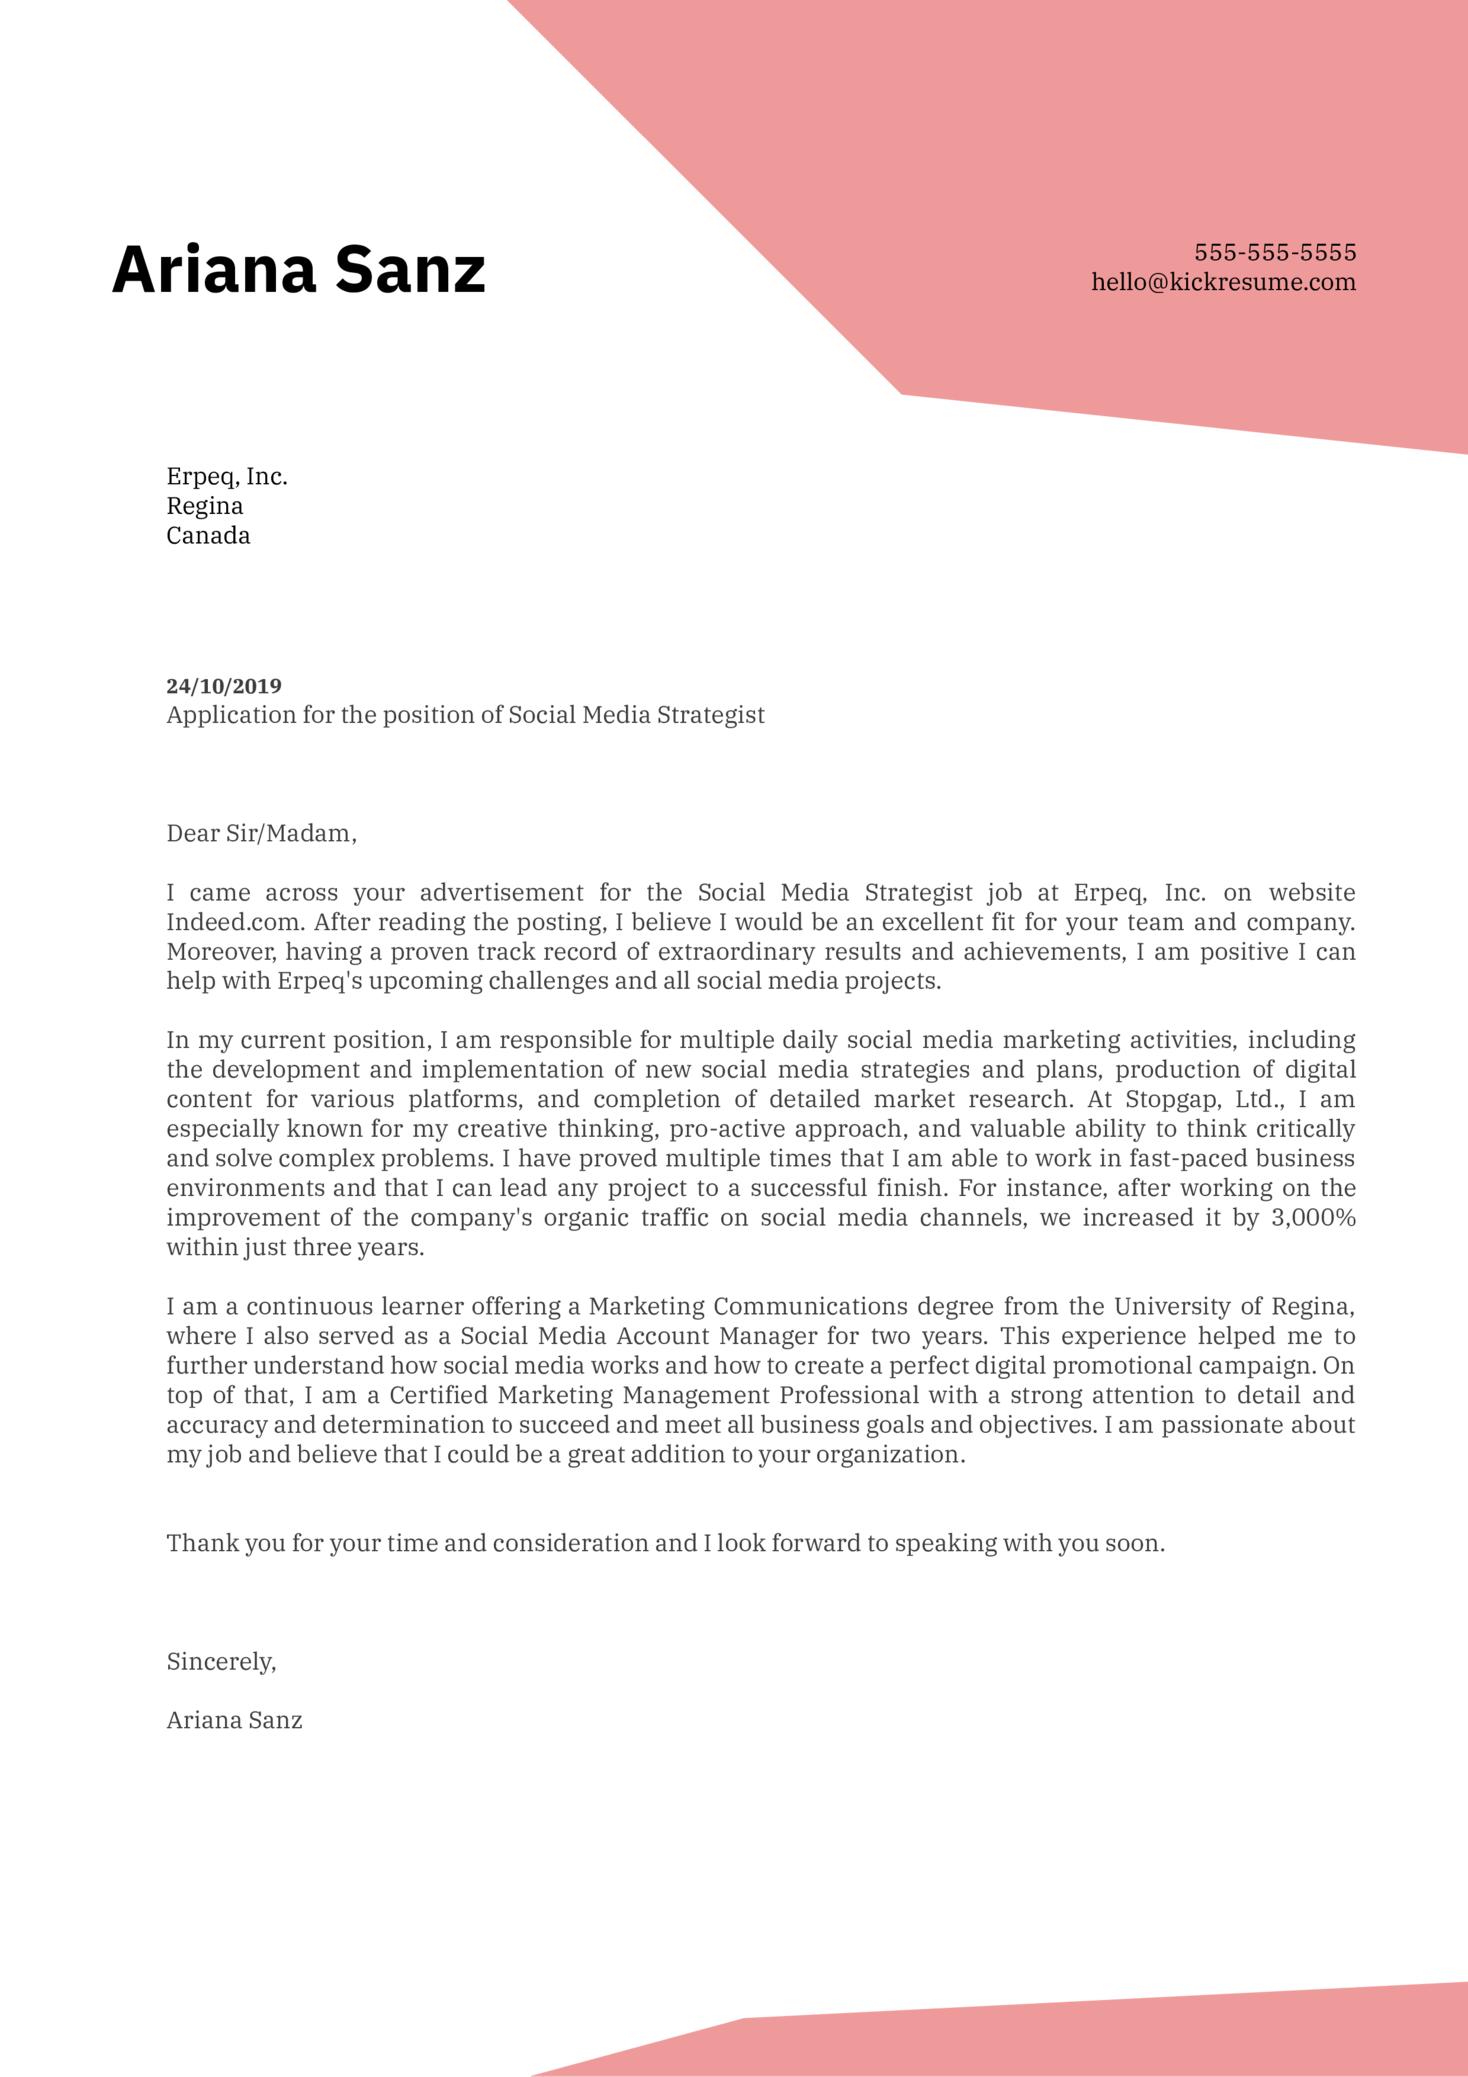 Social Media Strategist Cover Letter Example